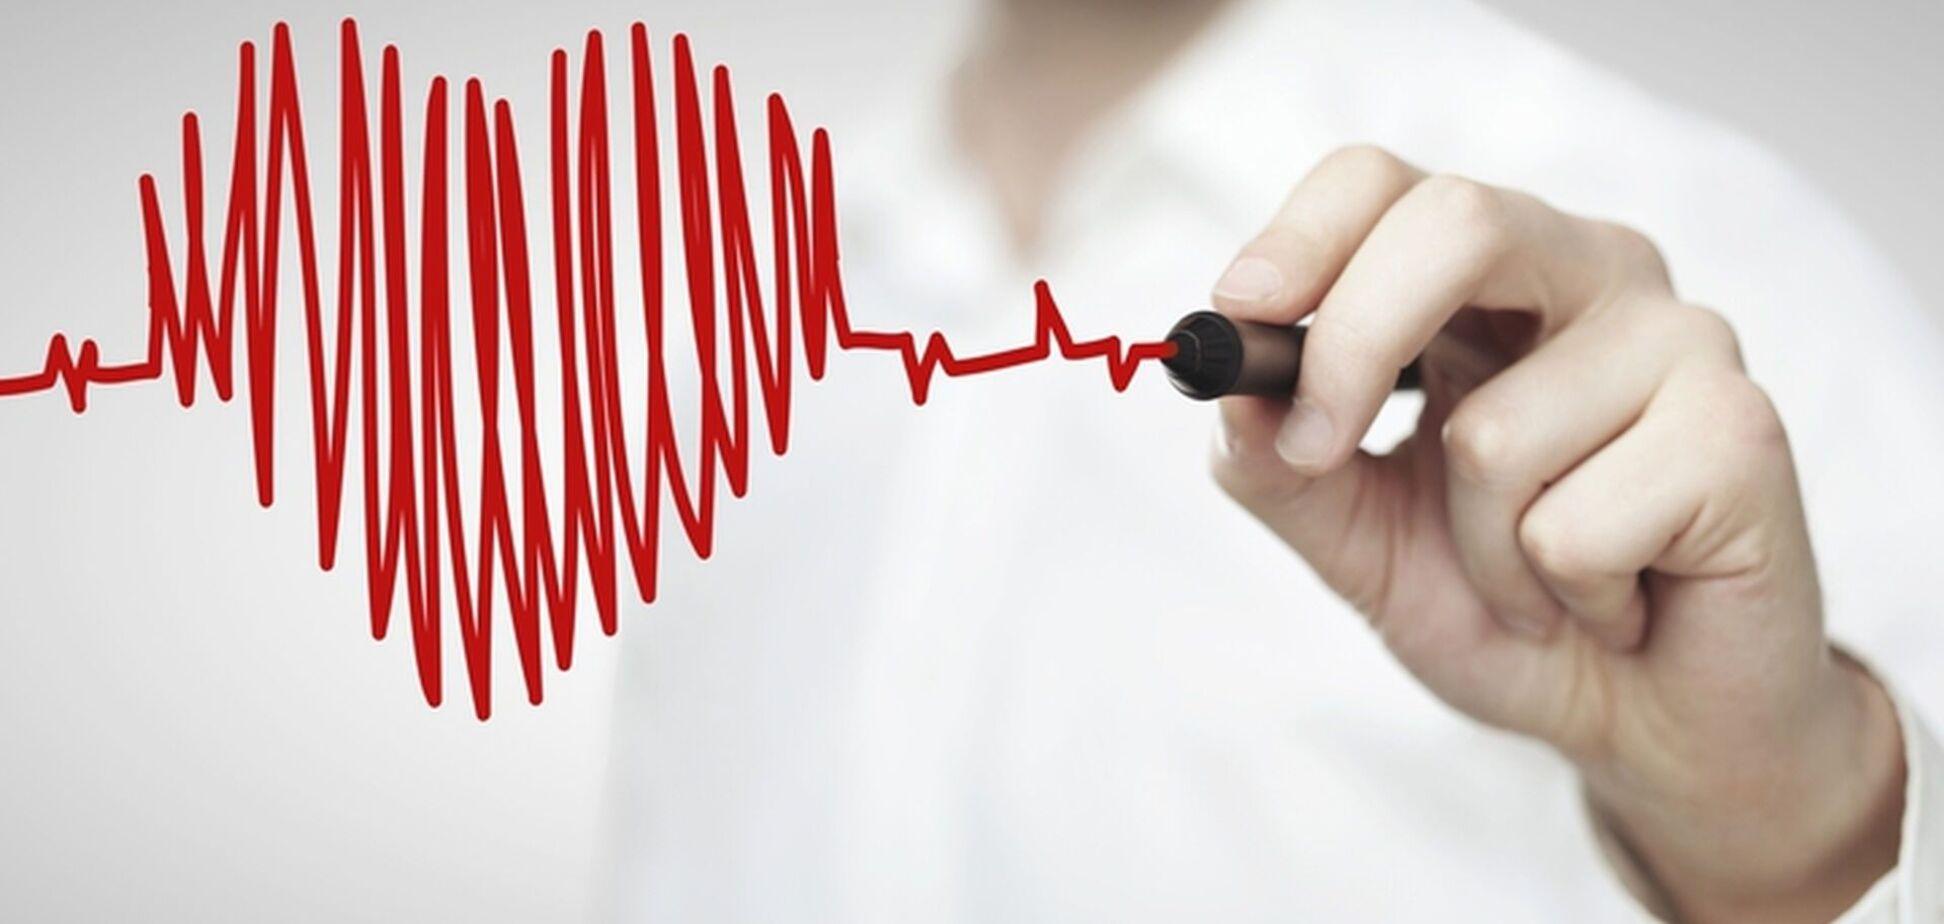 70% українців помирають від серцево-судинних хвороб